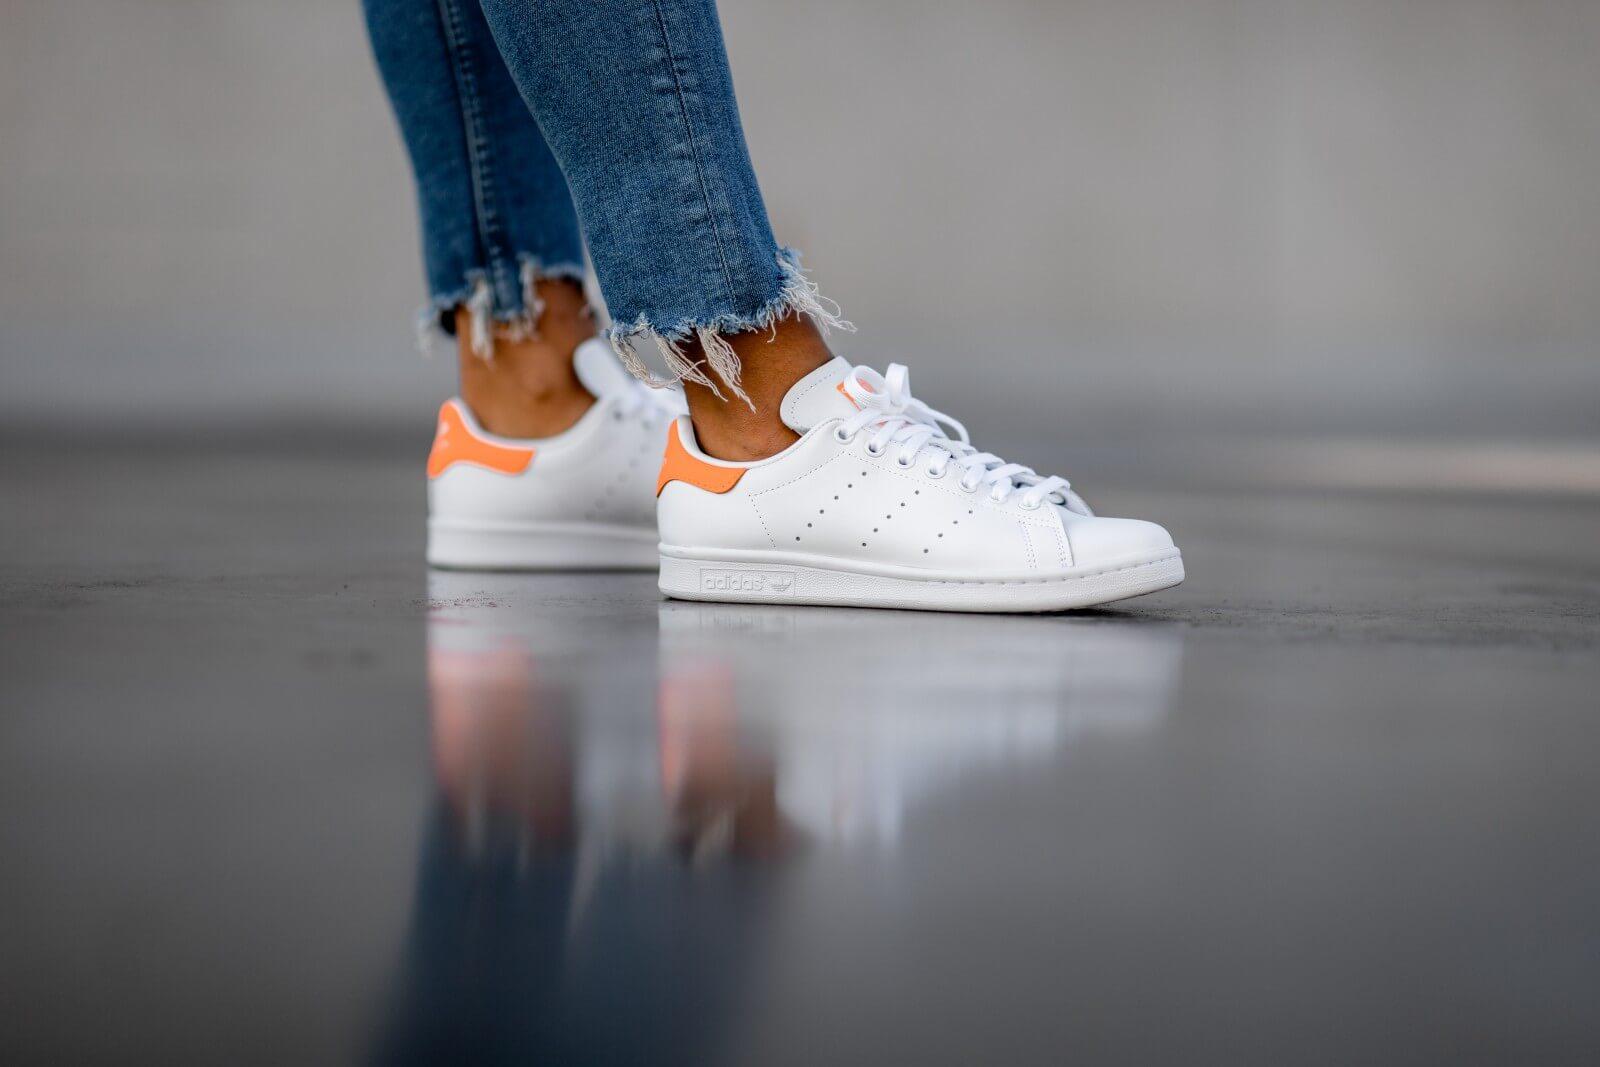 adidas stan smith 2 homme orange online